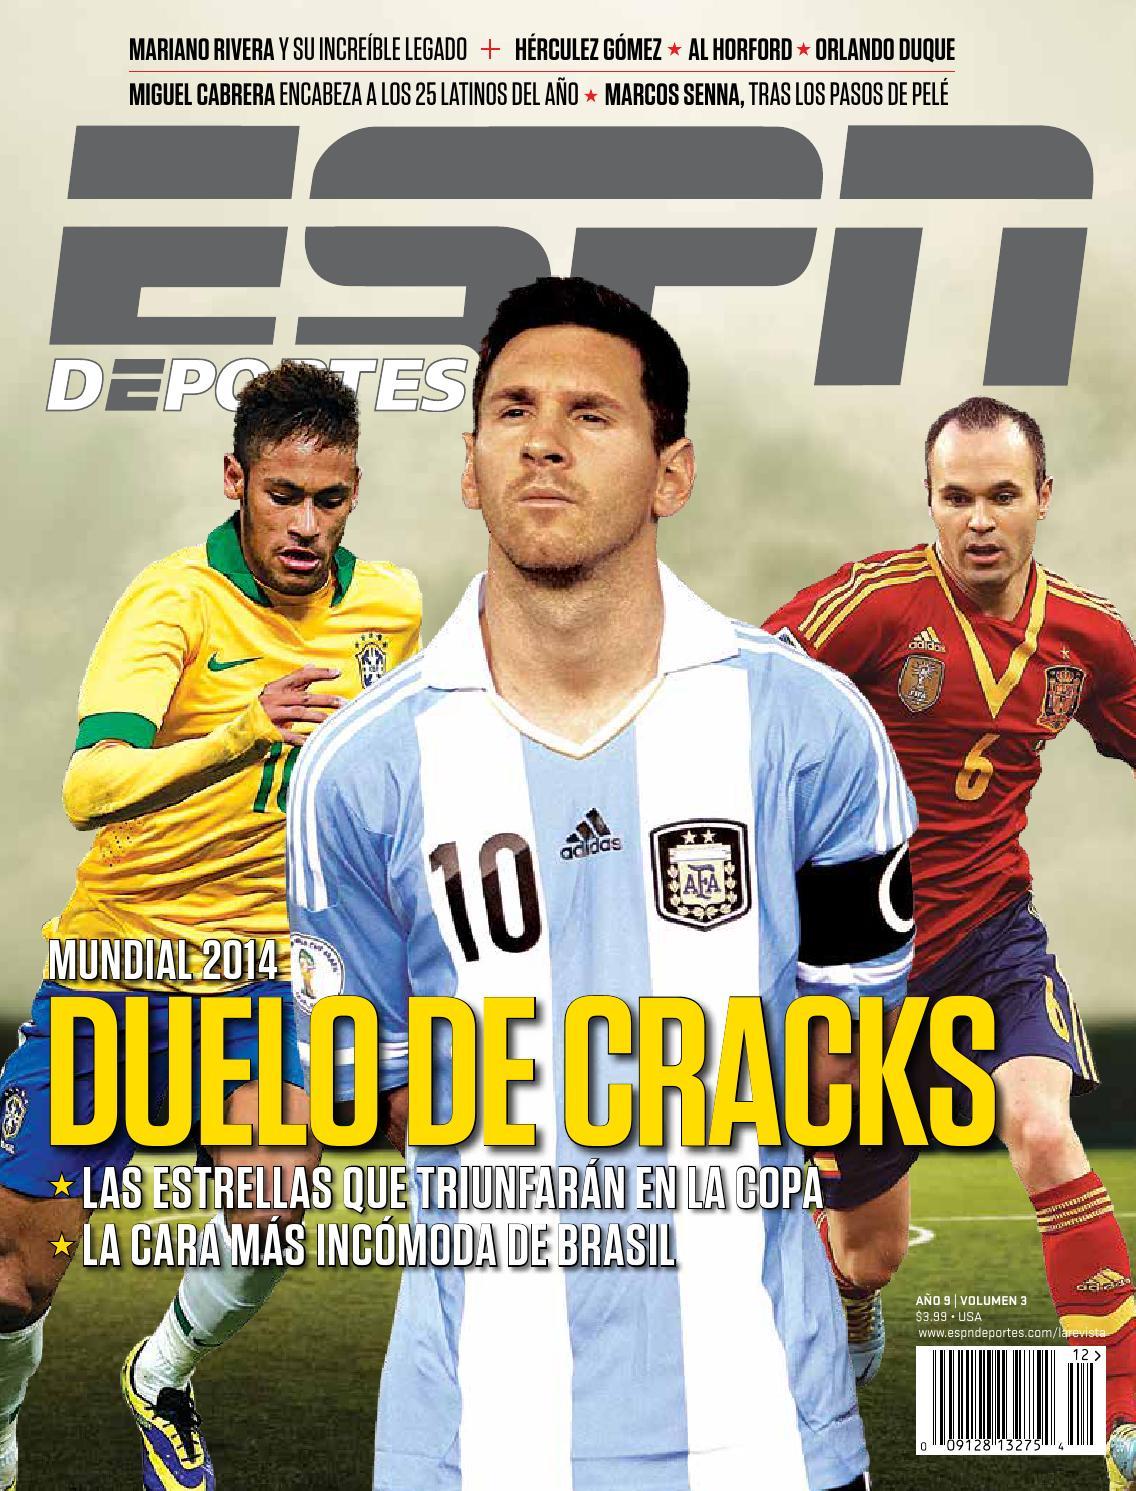 reputable site a5652 4a668 ESPN Deportes La Revista - Diciembre 2013 by andoni biurrarena - issuu